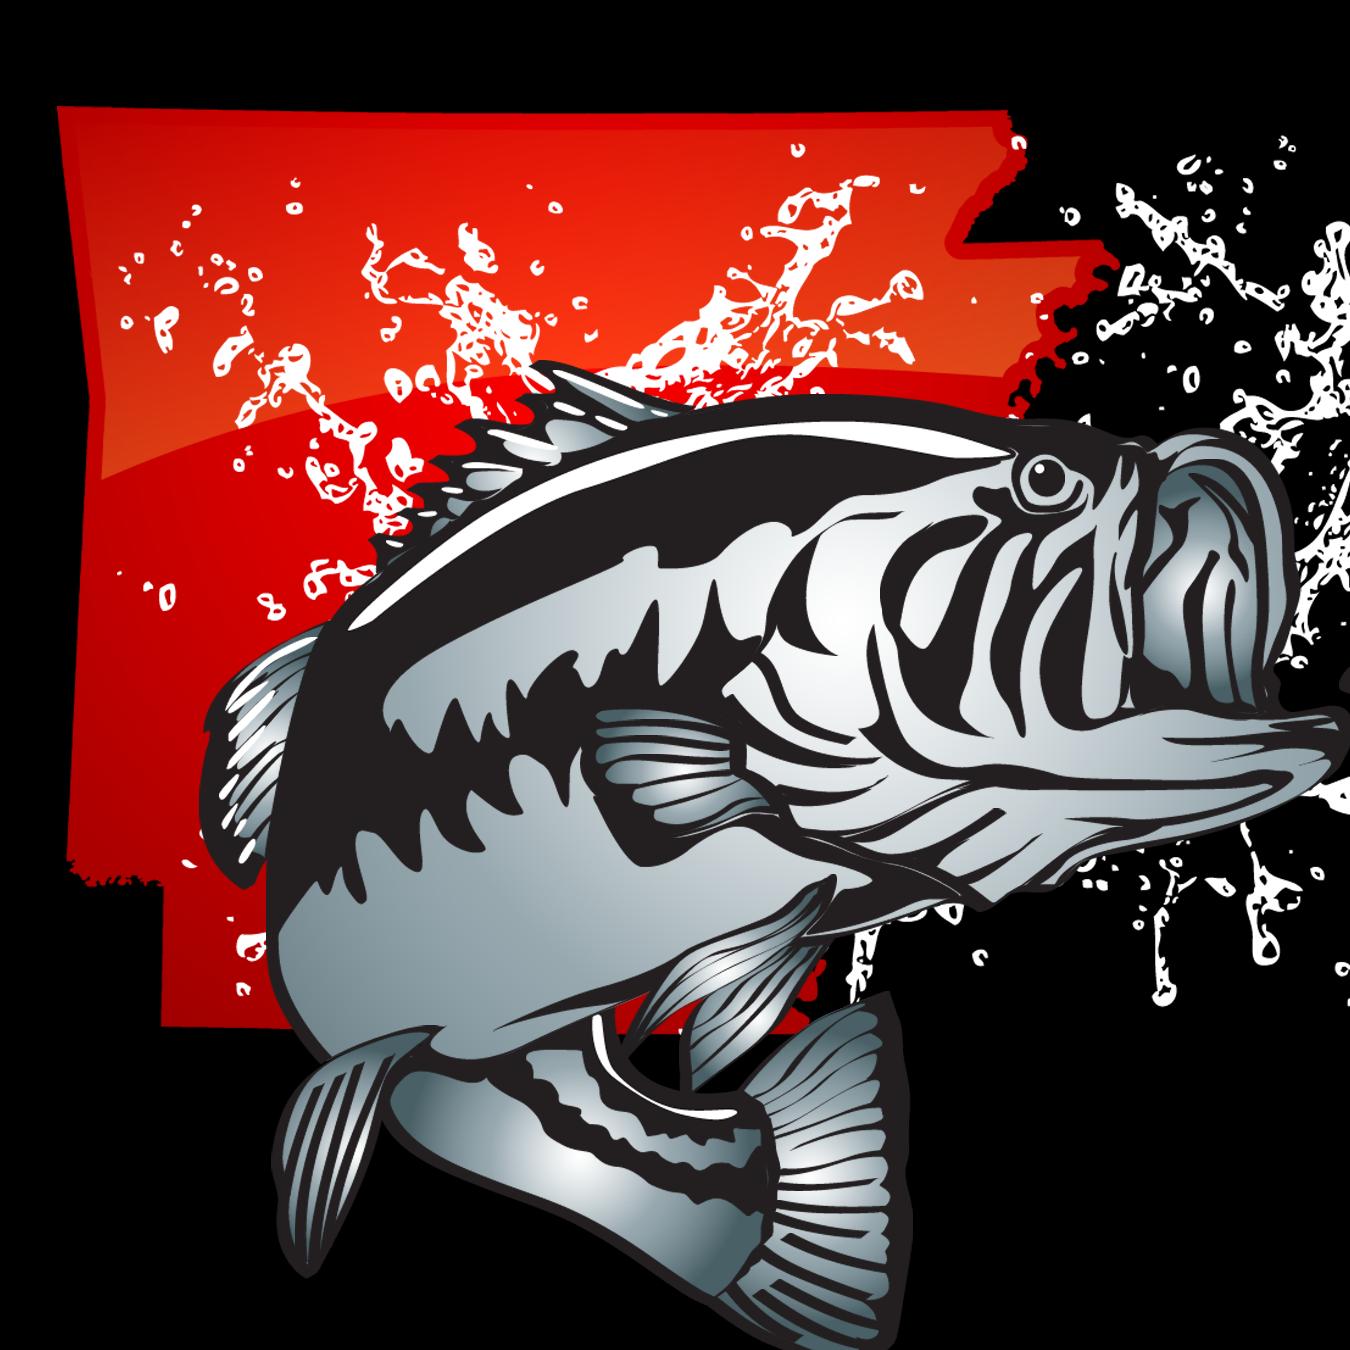 Arkansas >> Arkansas Bass Team Trail - Bass Fishing Tournament News & Event Info